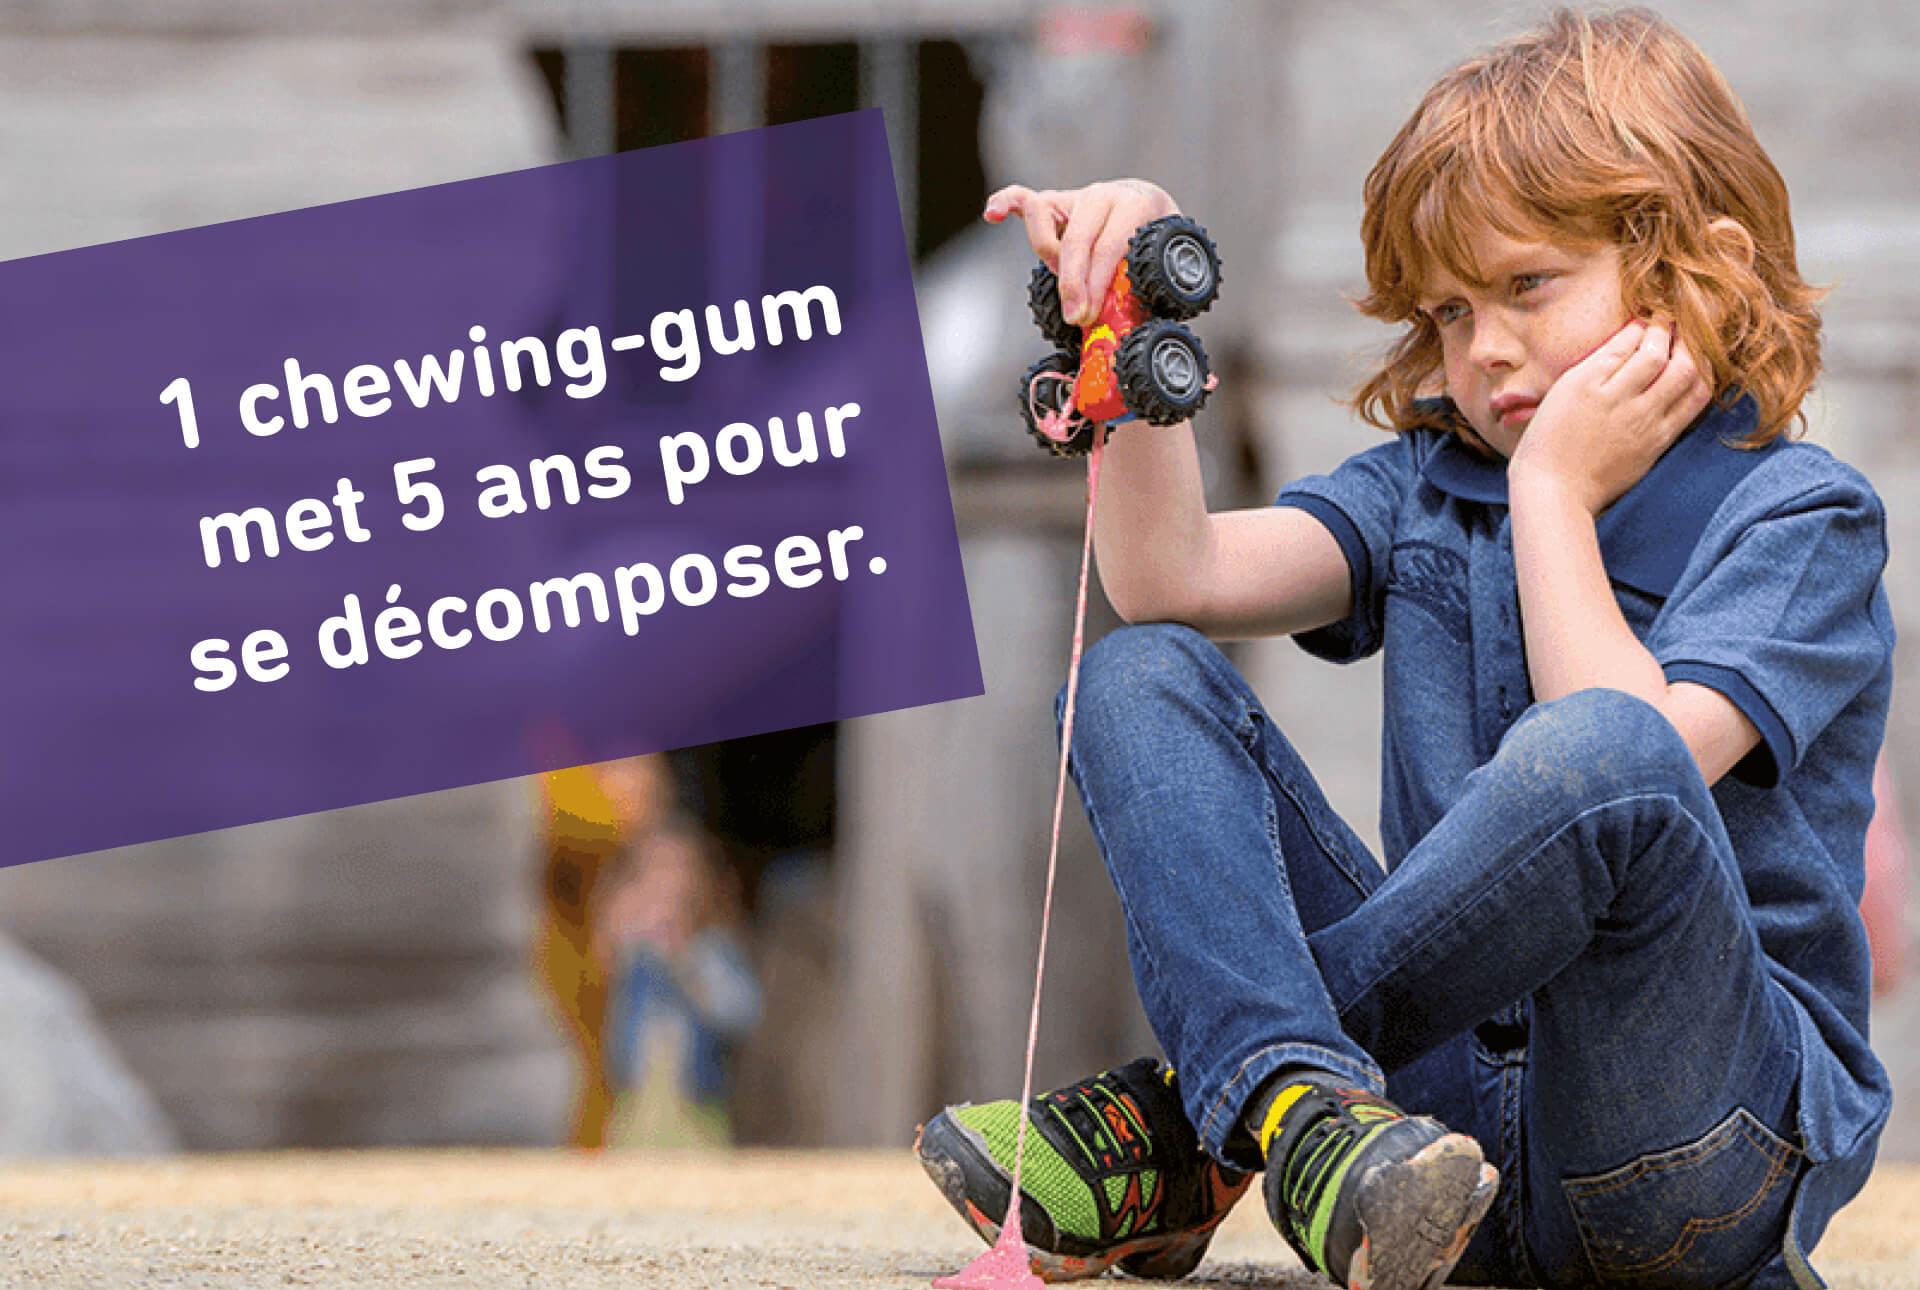 Visuel de la campagne anti-littering de la ville de Luxembourg informant sur la durée de vie d'un chewing-gum